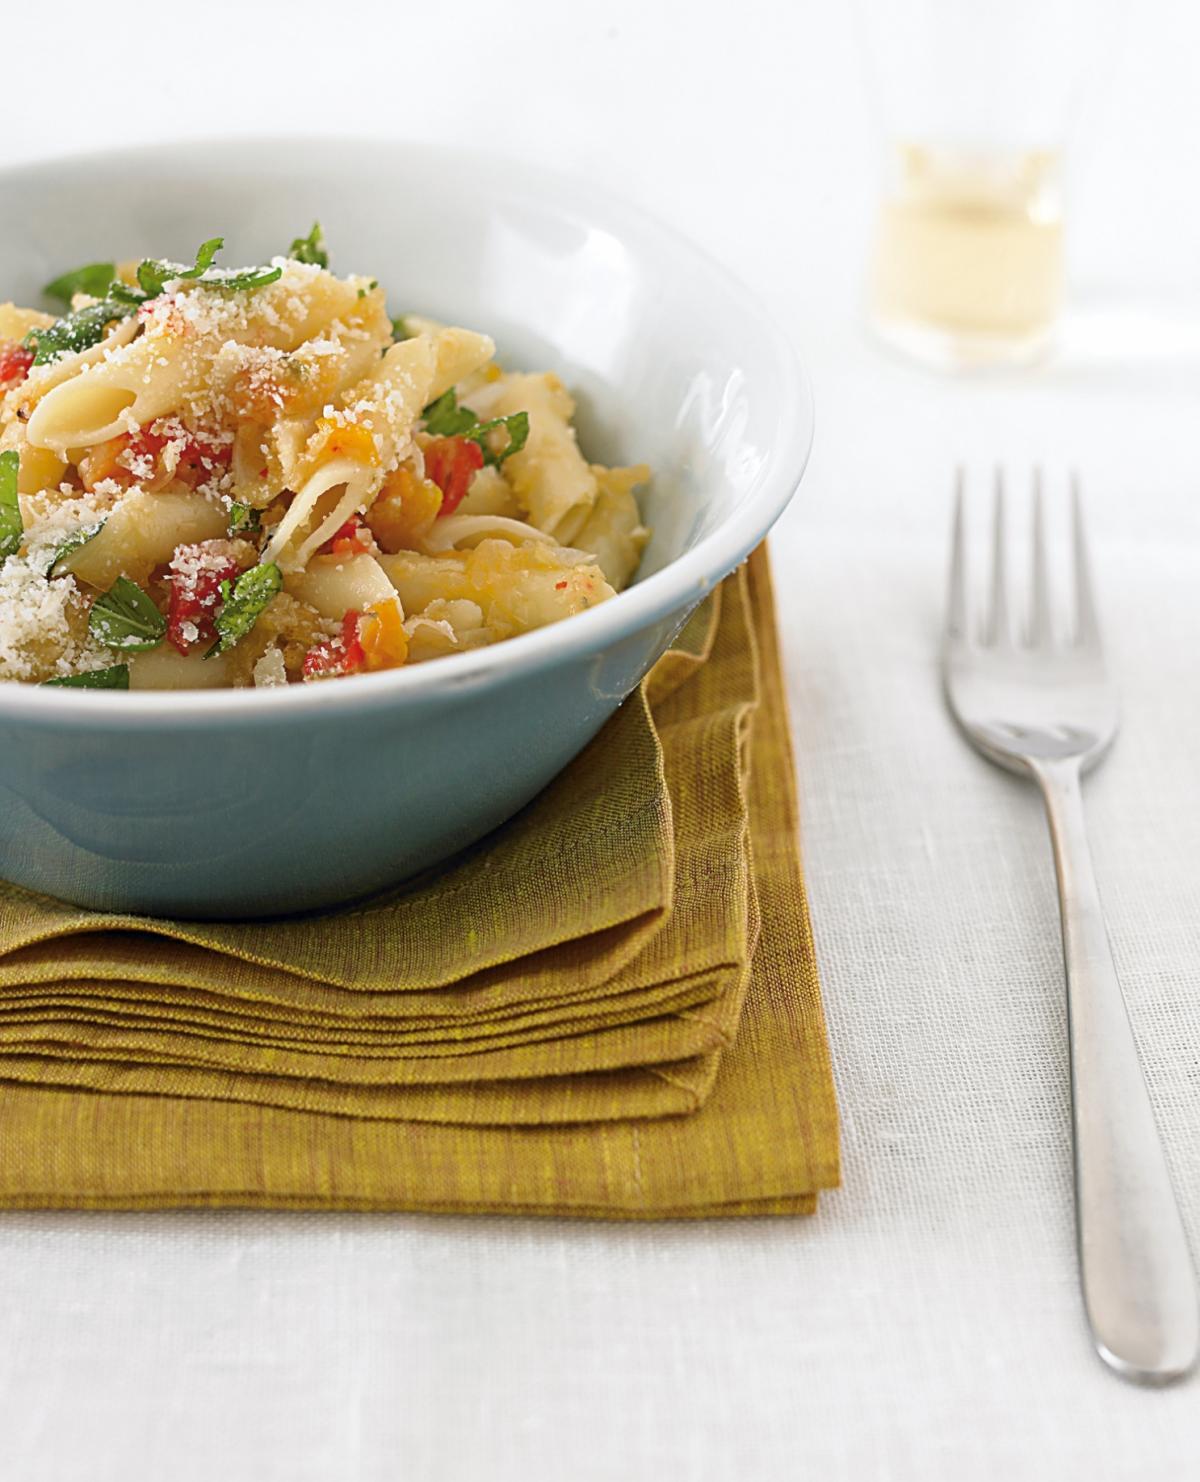 A picture of Delia's Pasta recipes